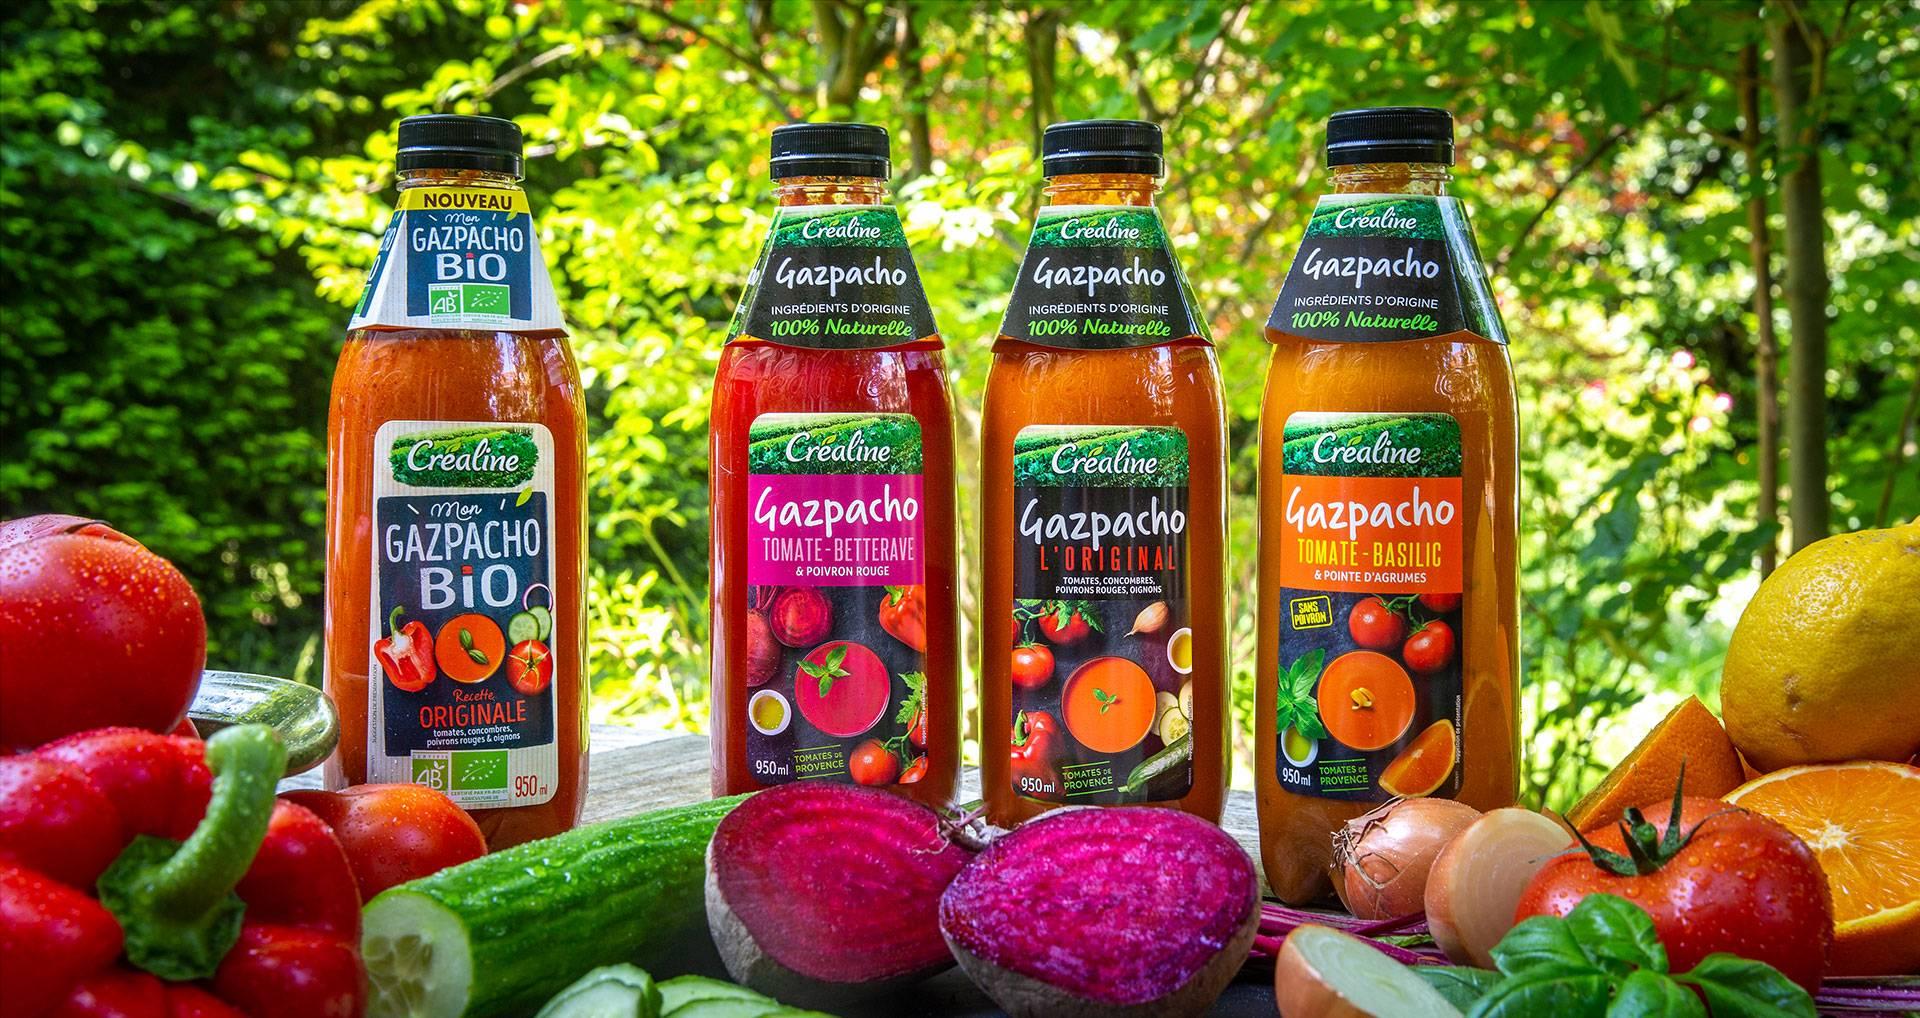 Gazpachos Créaline betterave tomate basilic original et bio